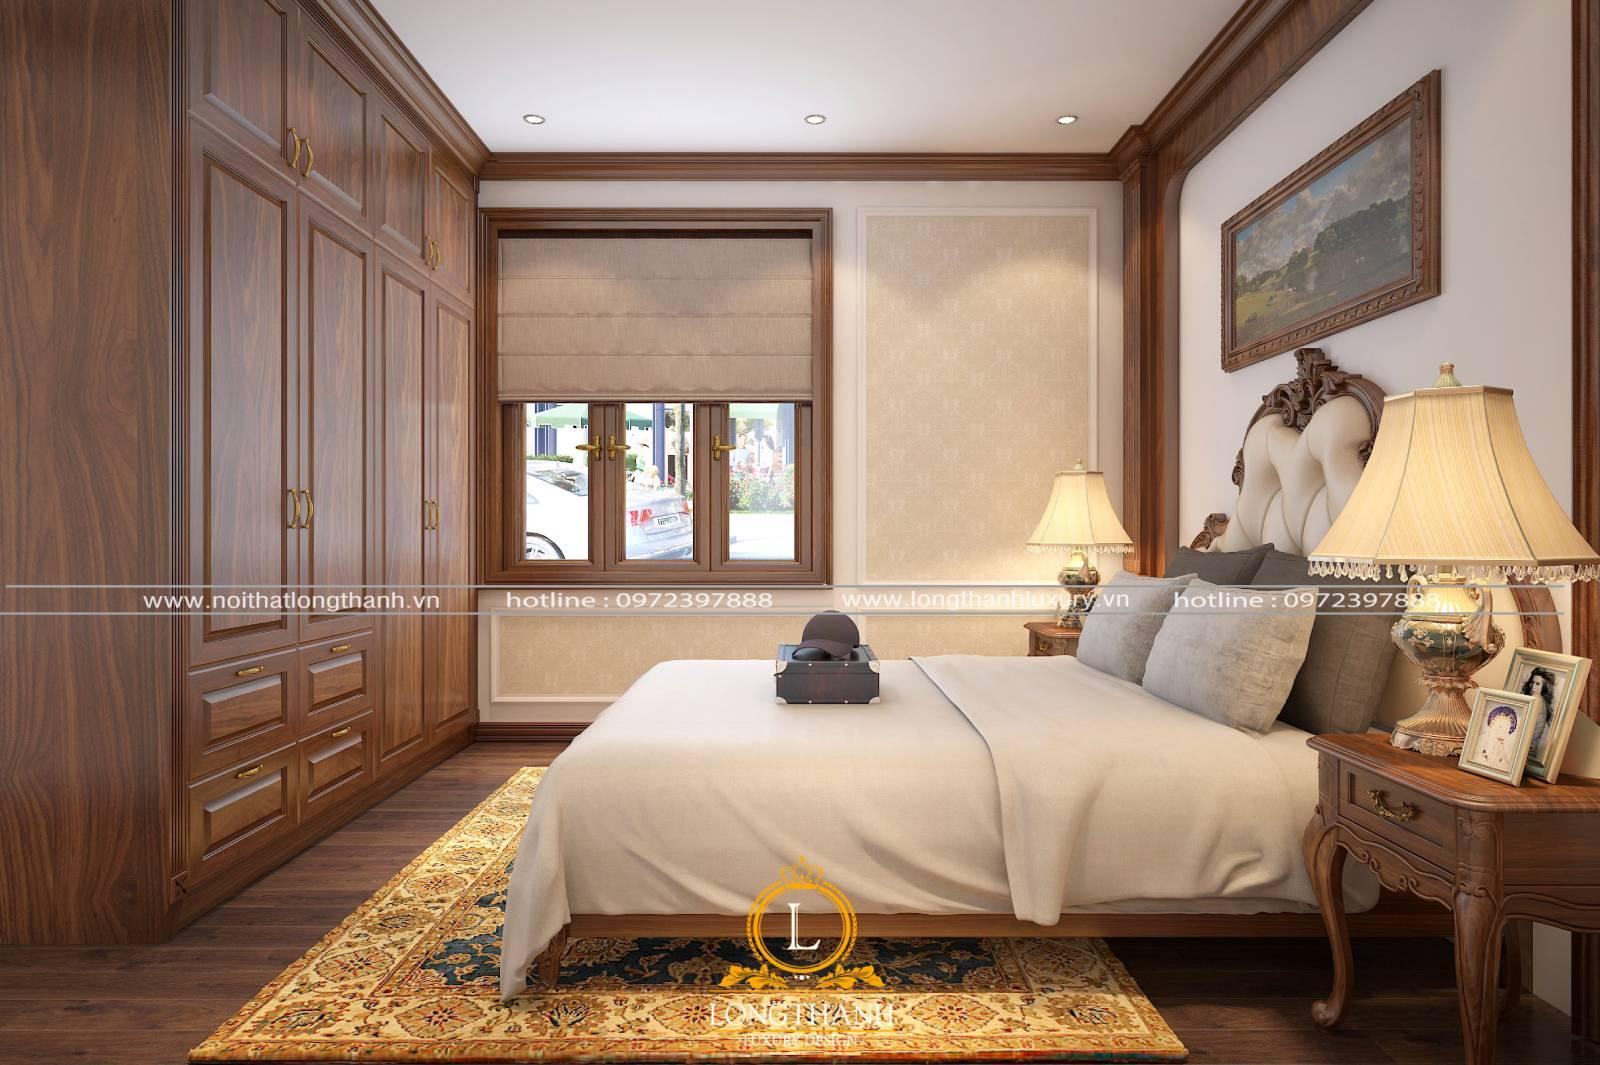 Phòng ngủ khách sạn tân cổ điển được thiết kế theo kiểu châu âu